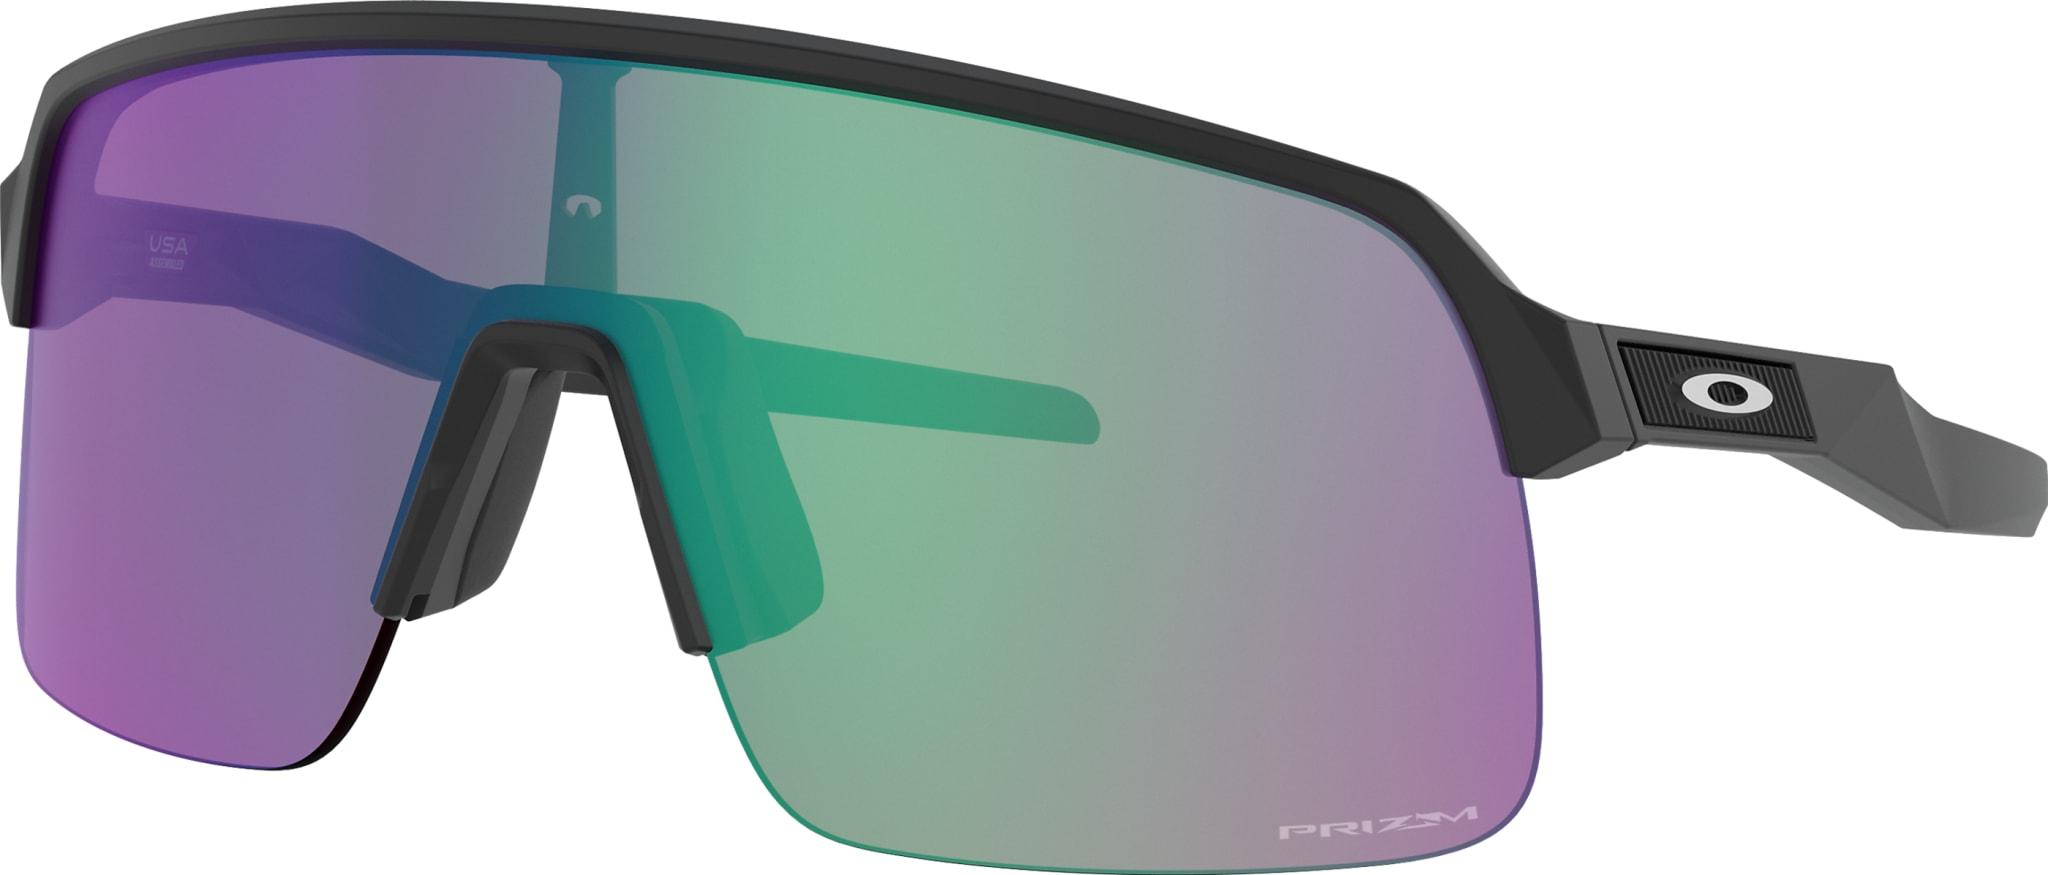 Tekniske sportsbriller til sykling og annen aktivitet med høy intensitet